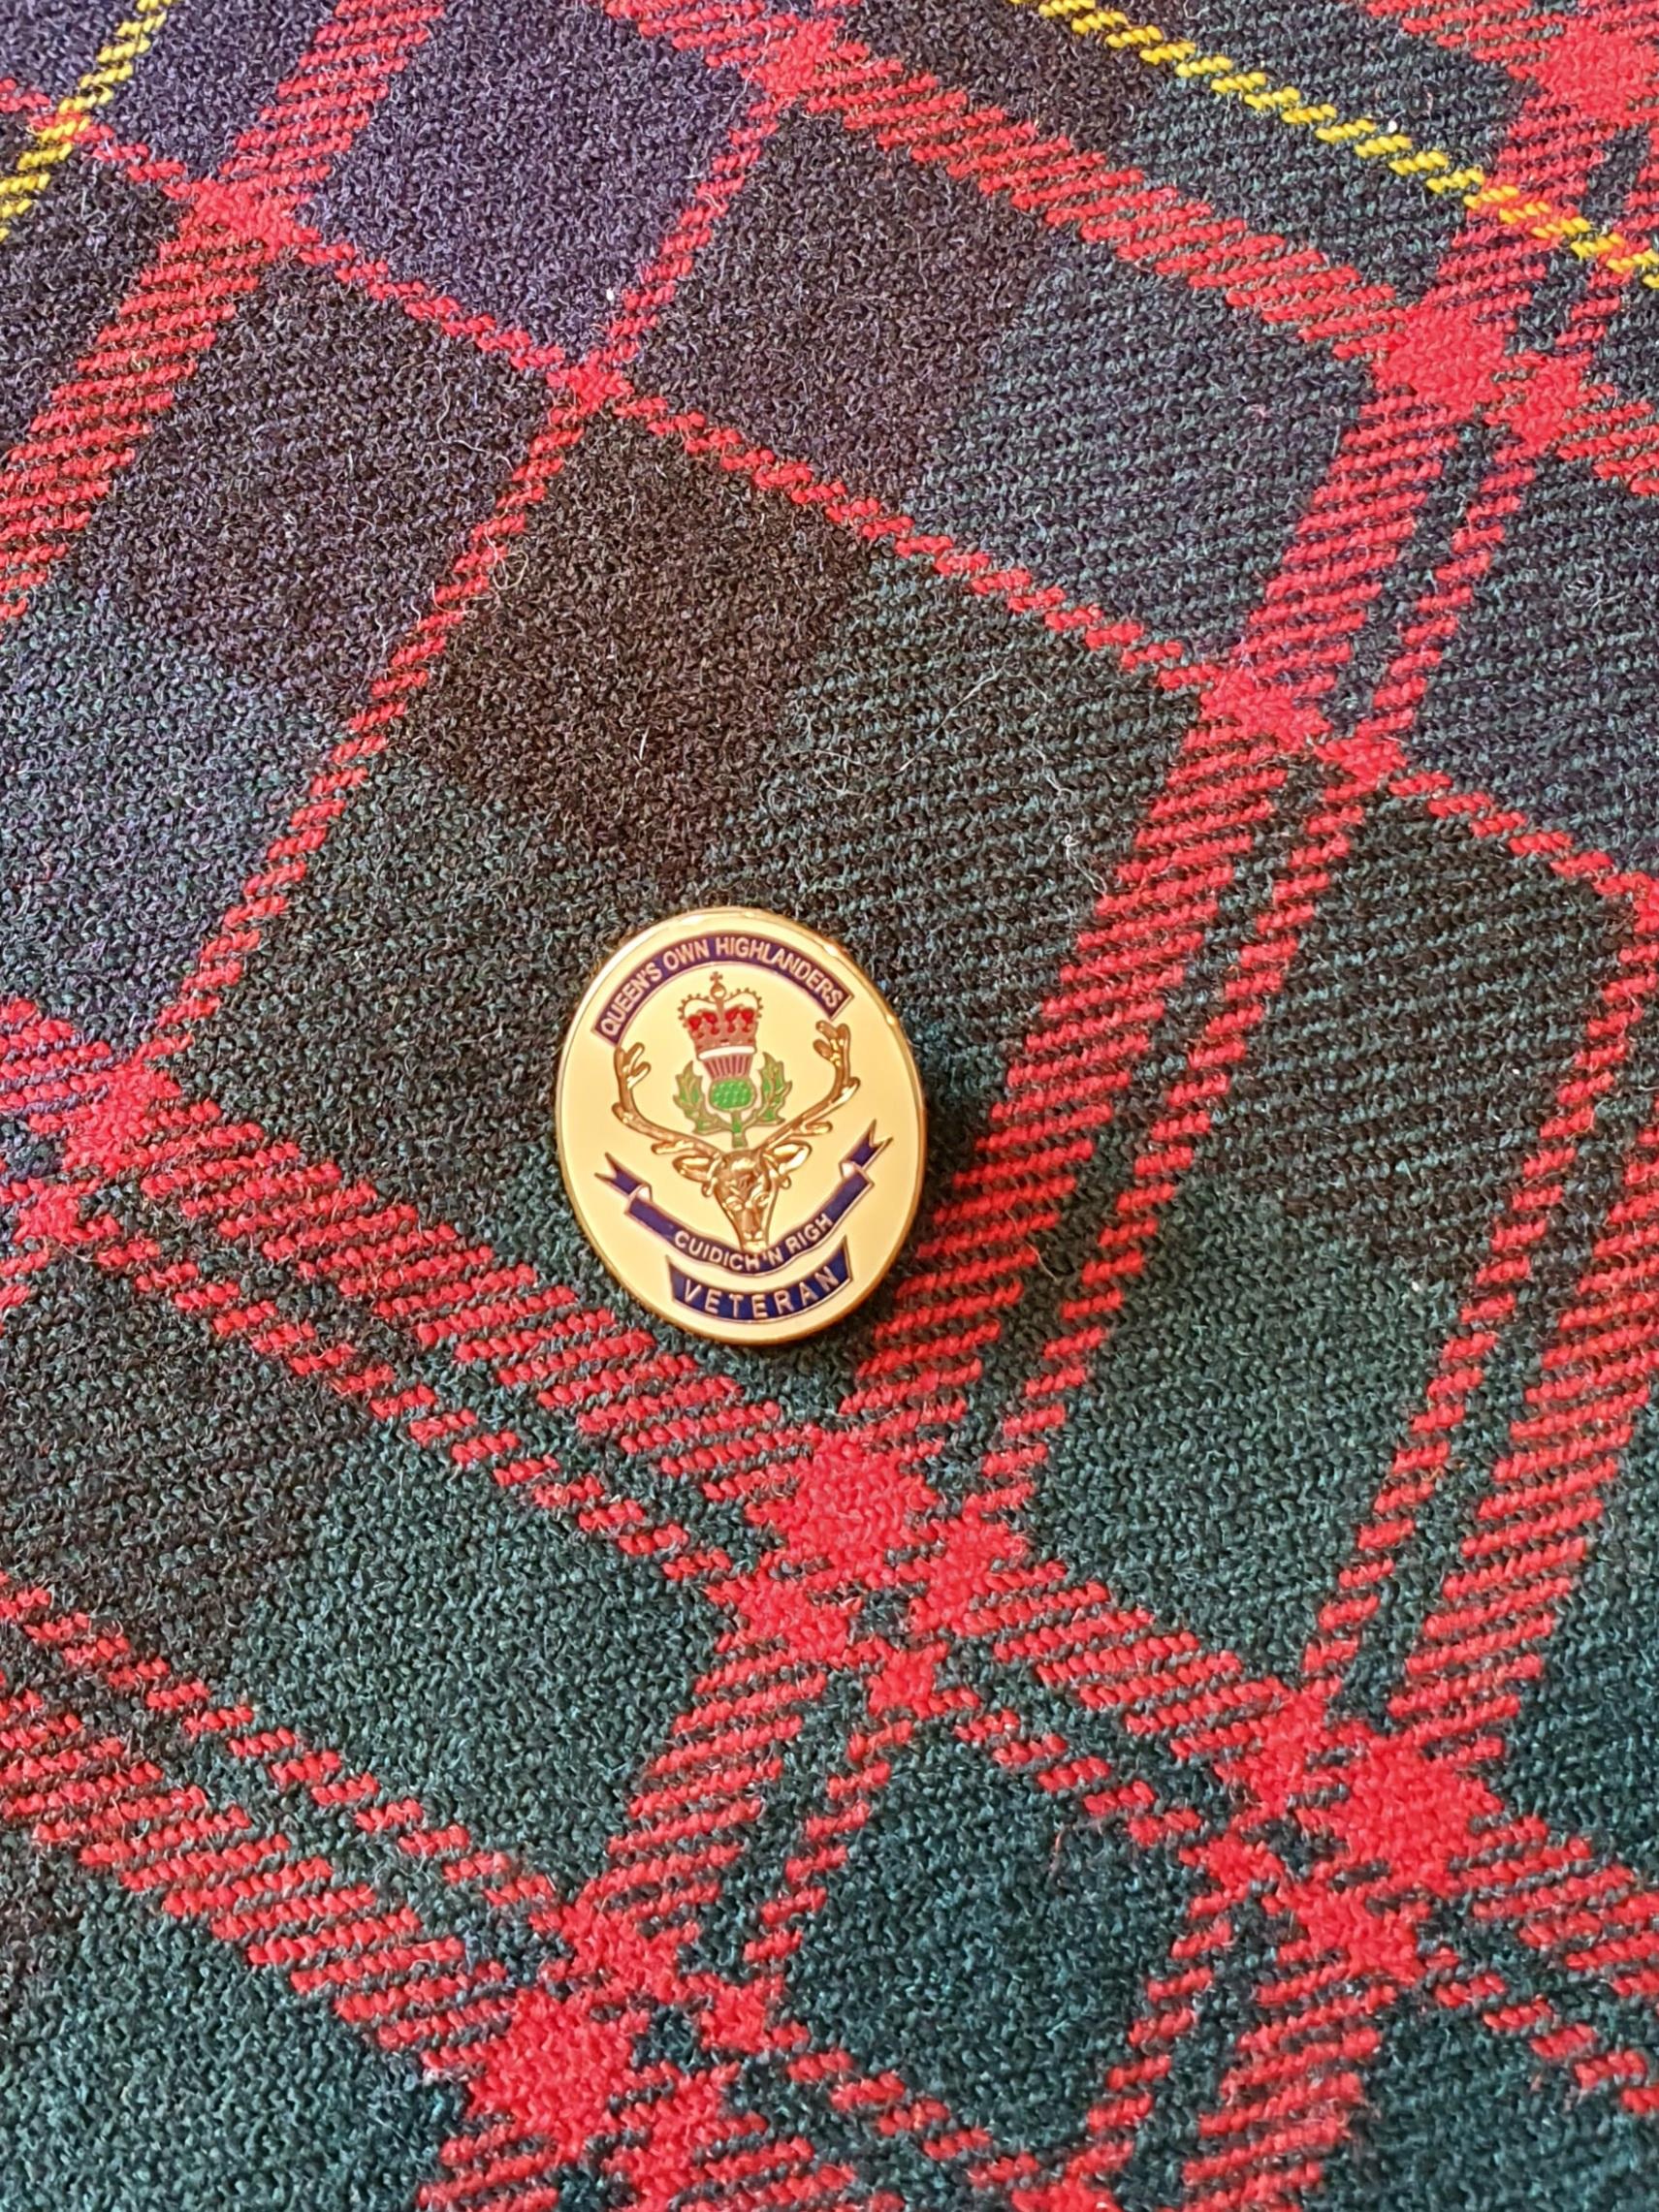 Queen's Own Highlanders Veterans Badge